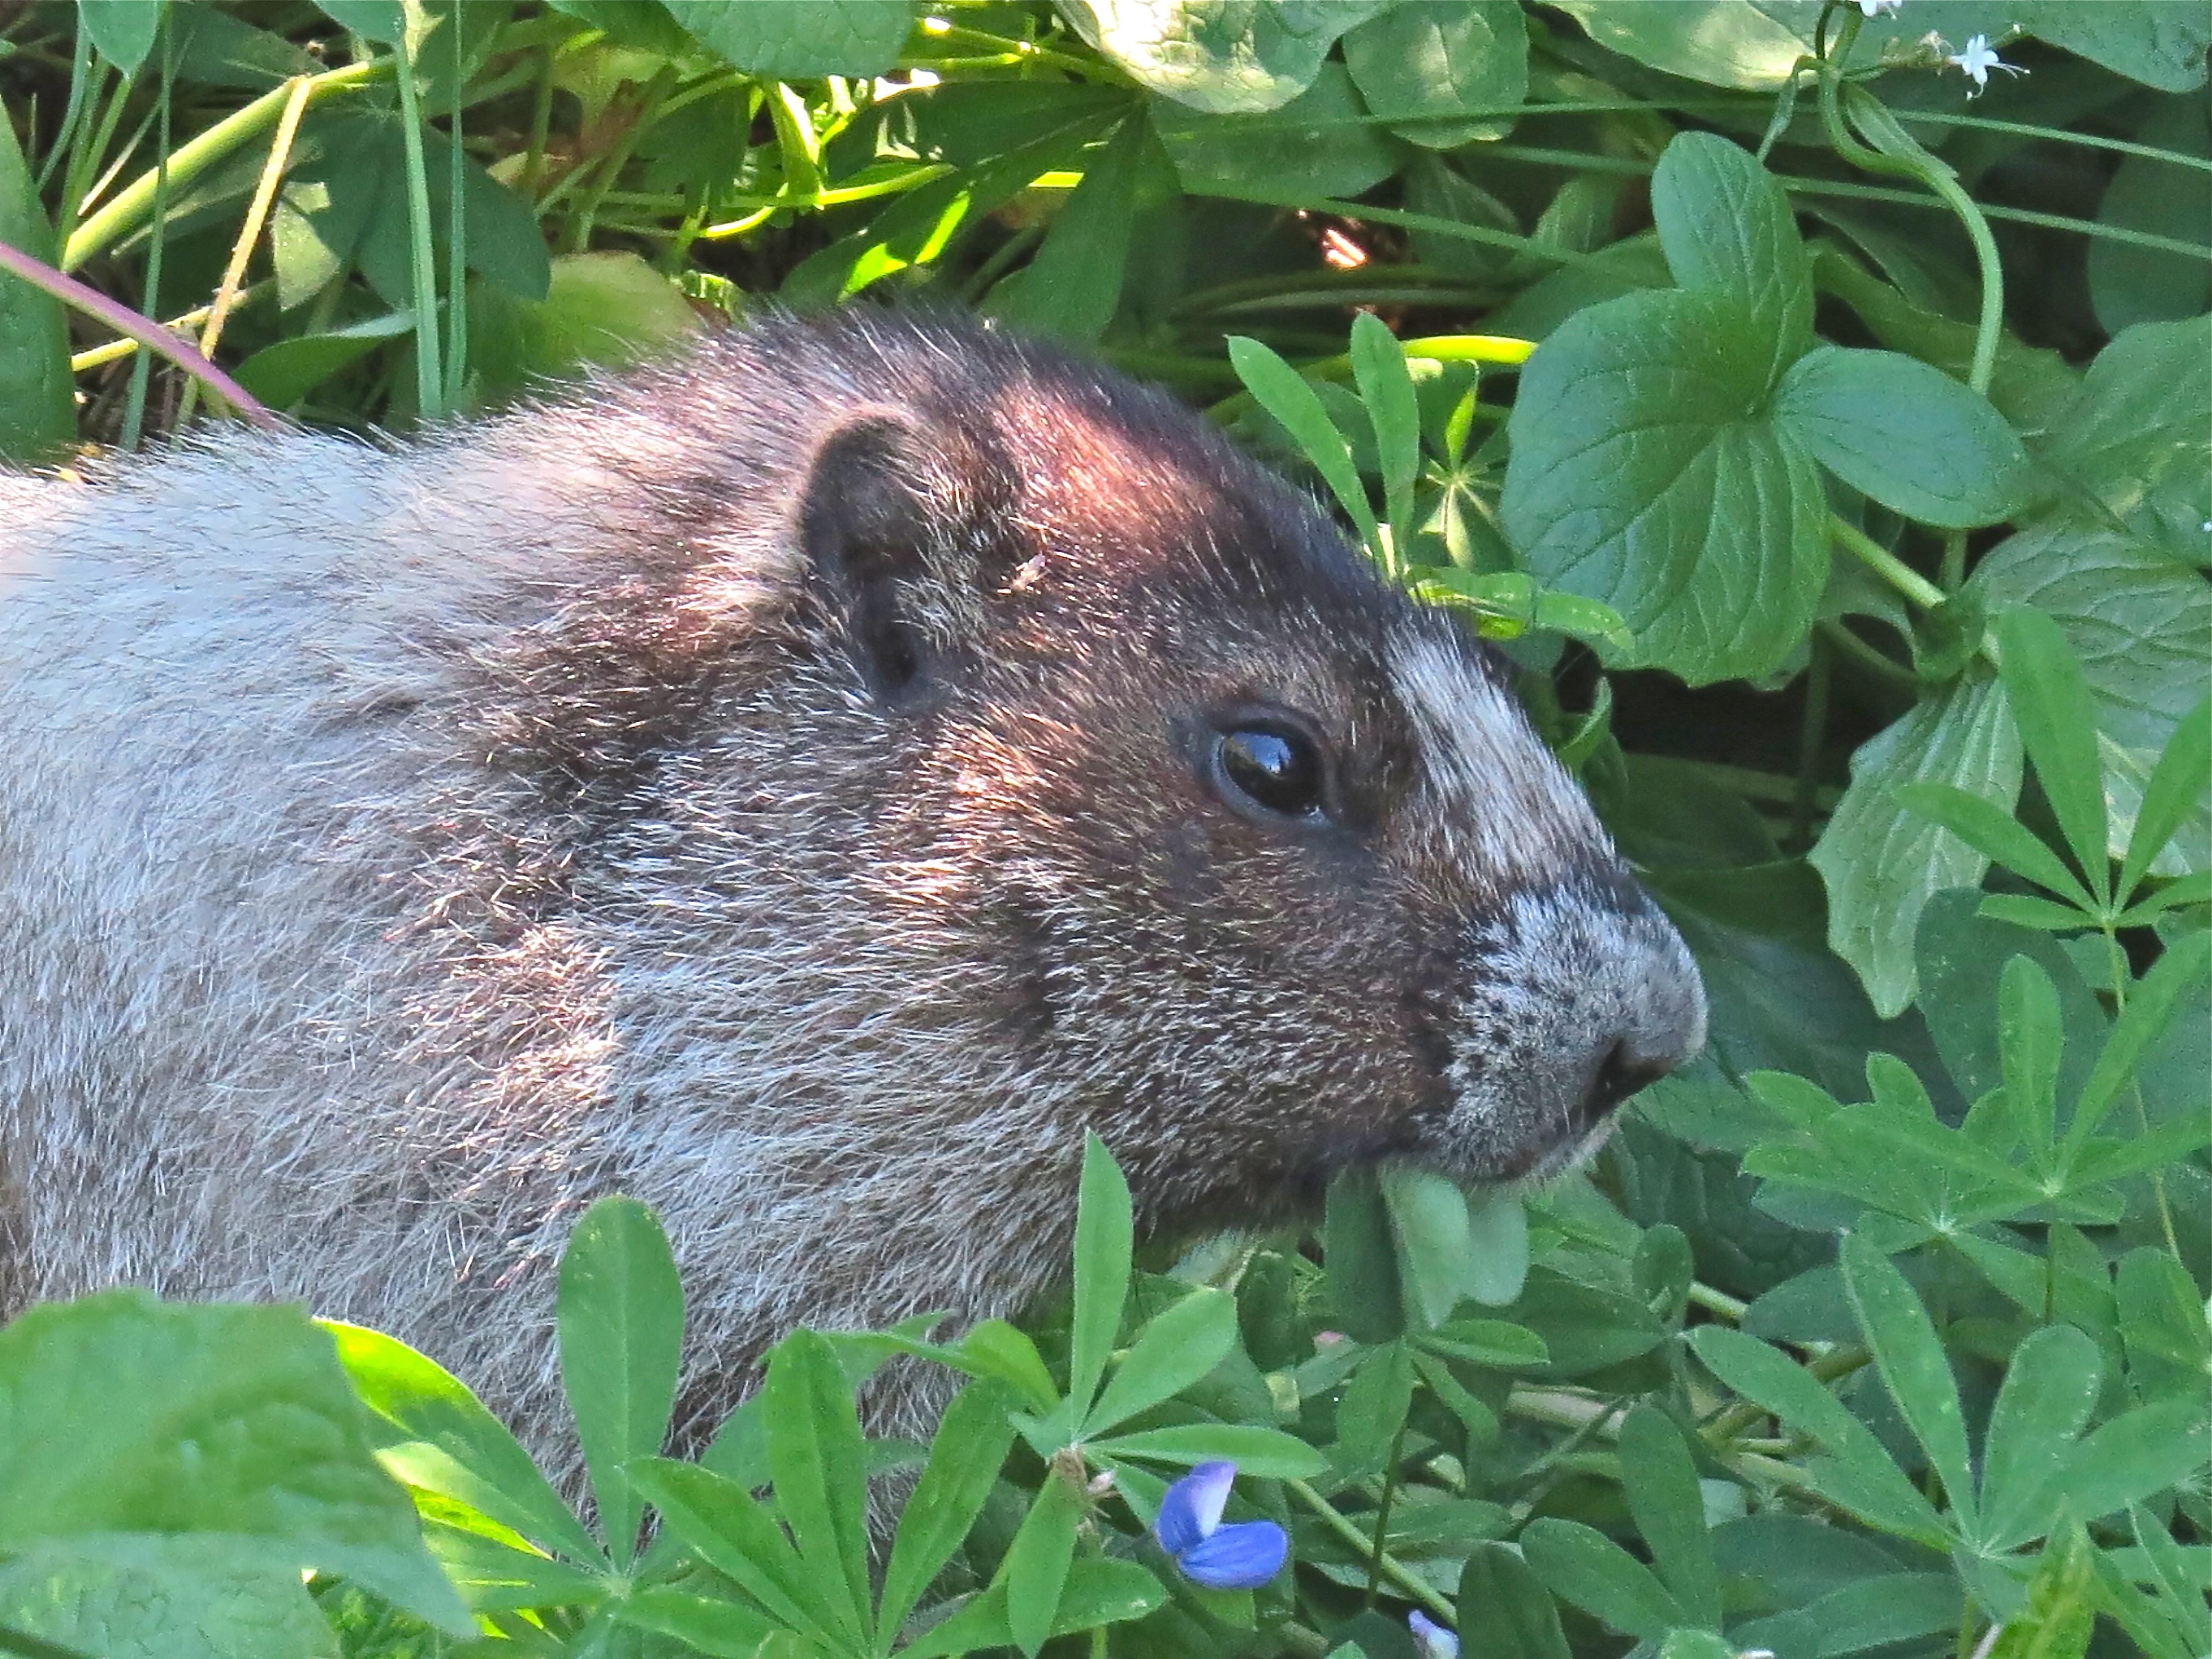 Hoary Marmot chomping